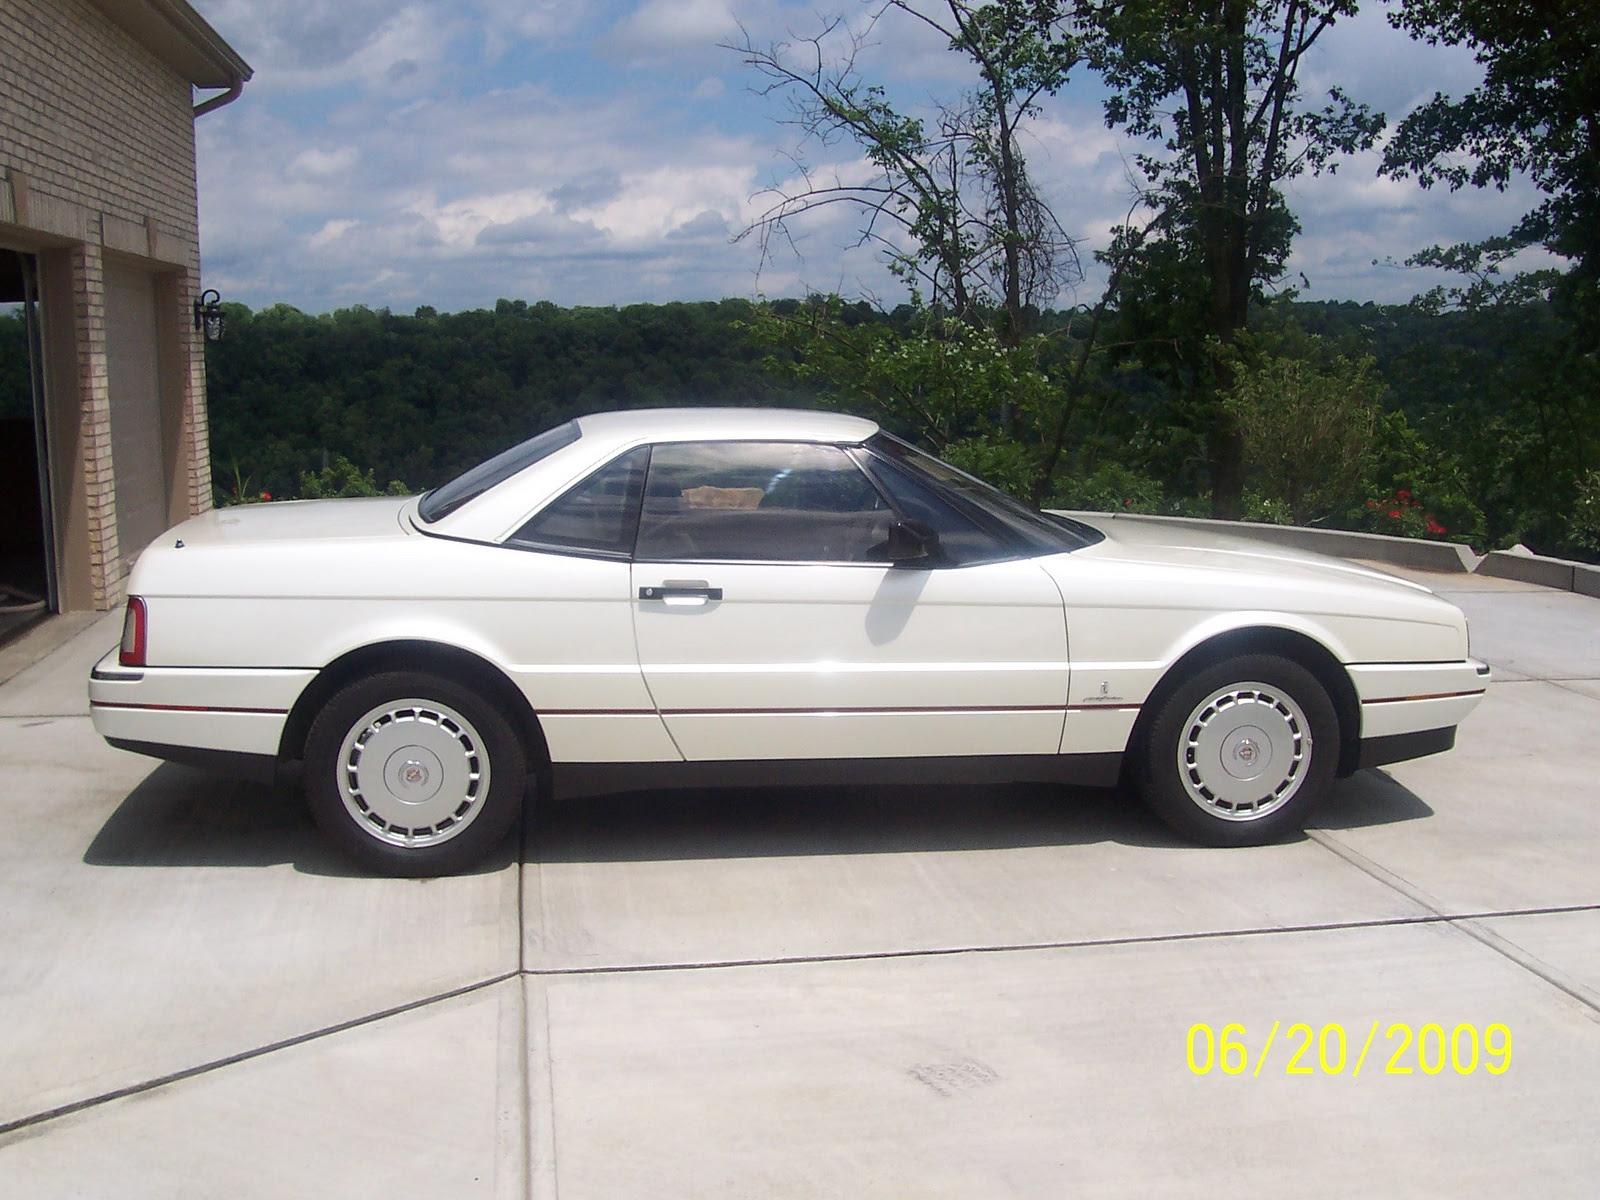 1989 Cadillac Allante - Pictures - CarGurus